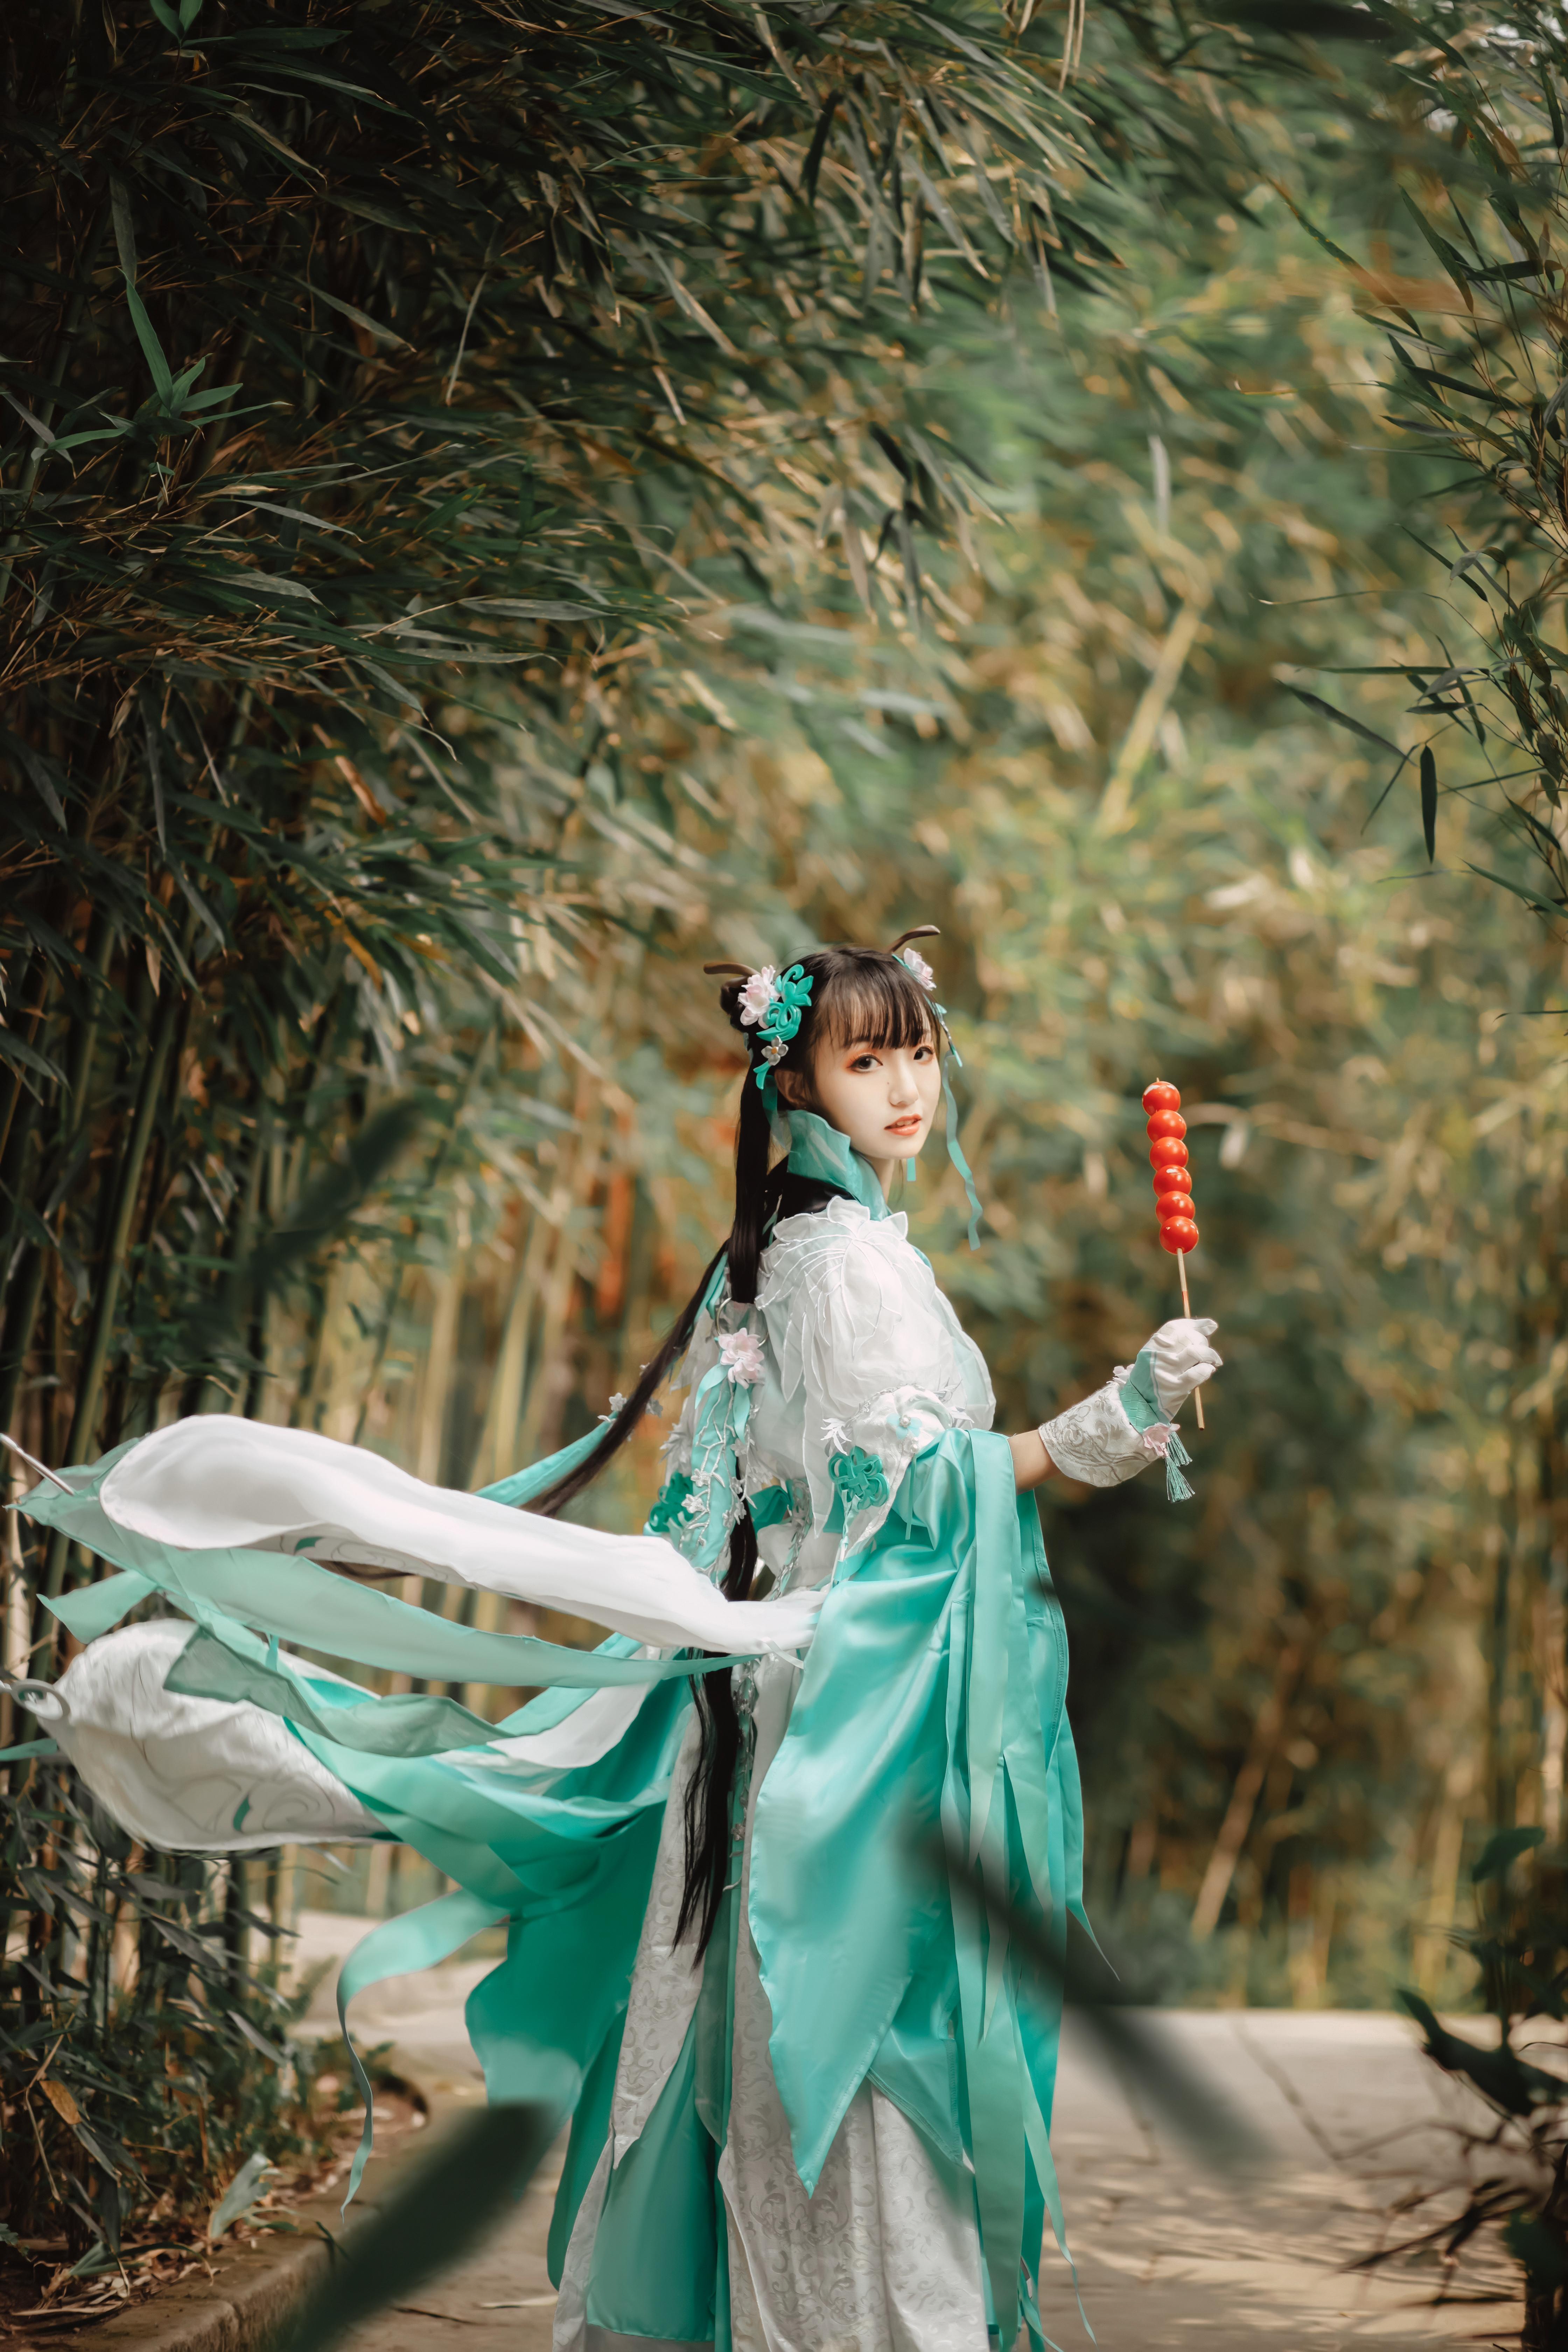 《剑侠情缘网络版叁》剑三cosplay【CN:青锦天下】-第8张